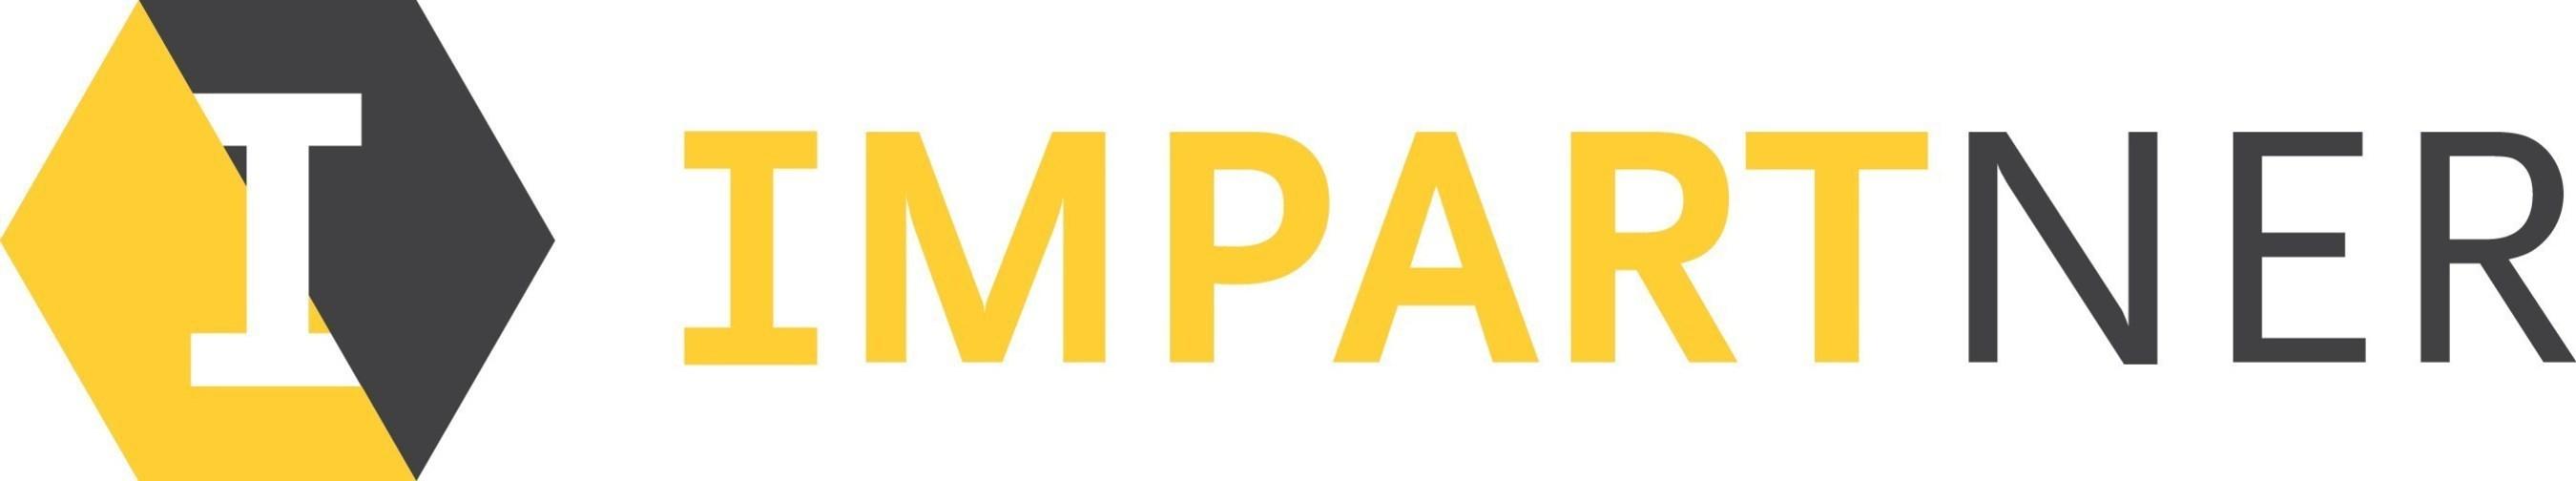 Impartner is a leader in Saas-based Partner Relationship Management solutions